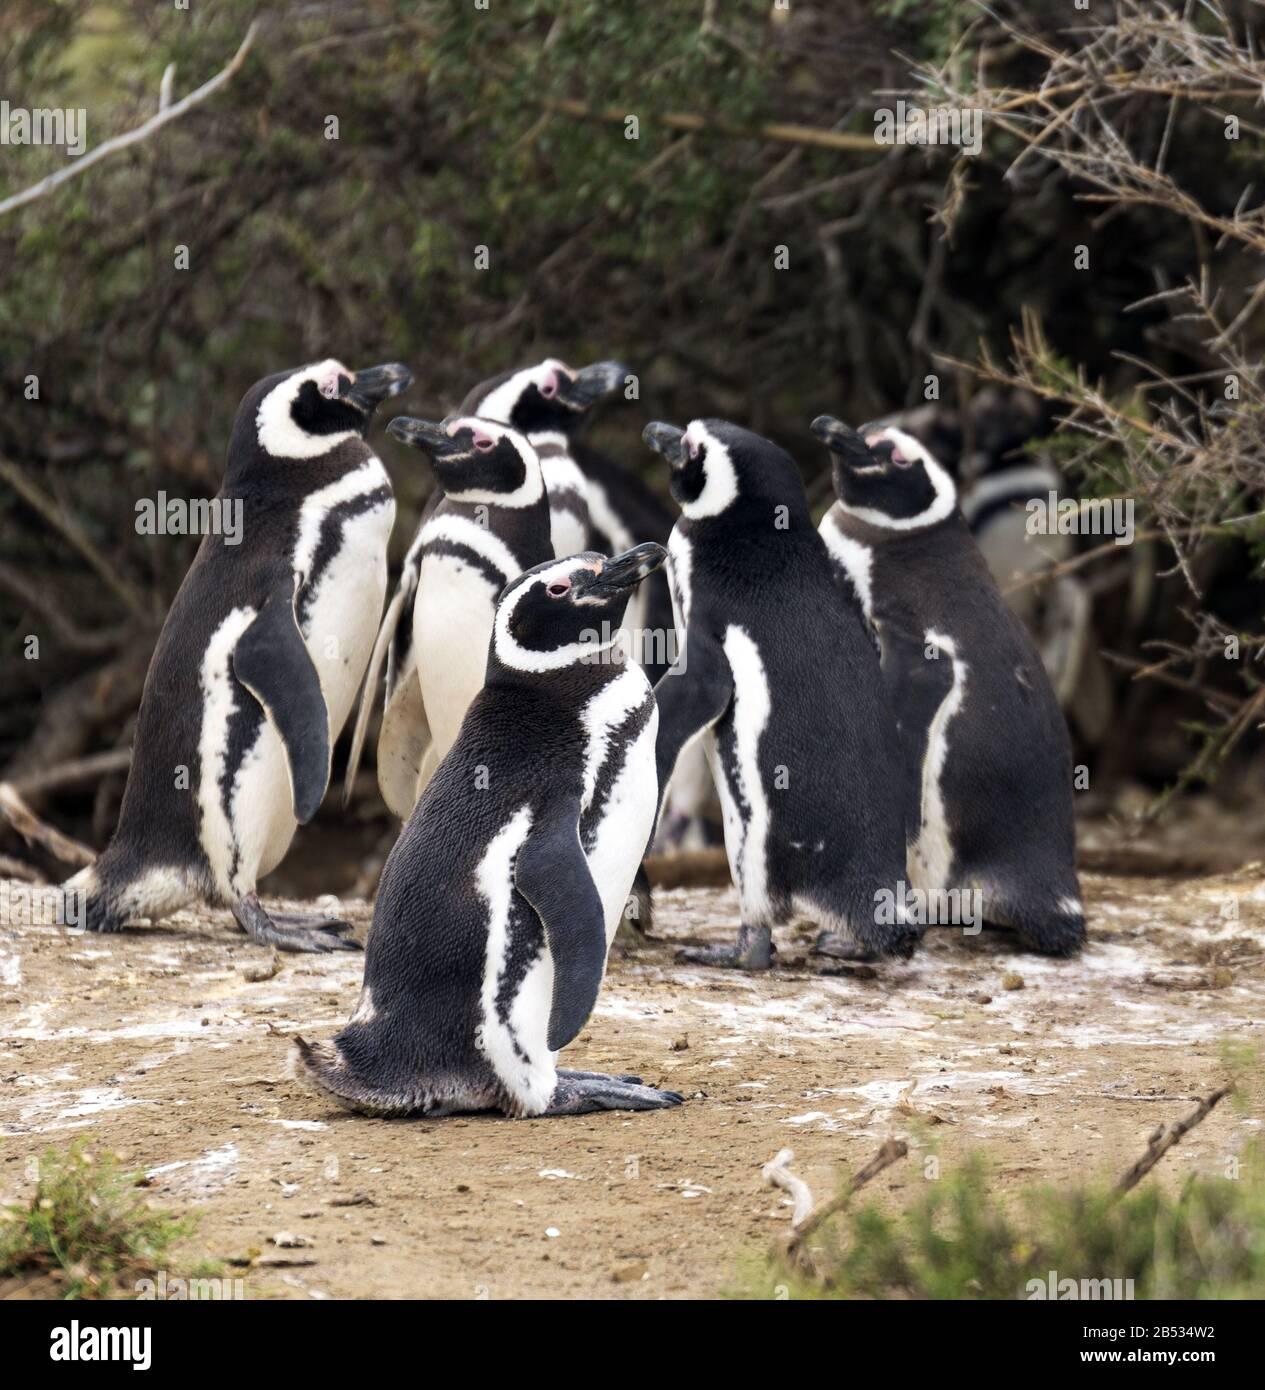 Magellanic penguins, Parque Nacional Monte Leon, Patagonia Argentina Stock Photo